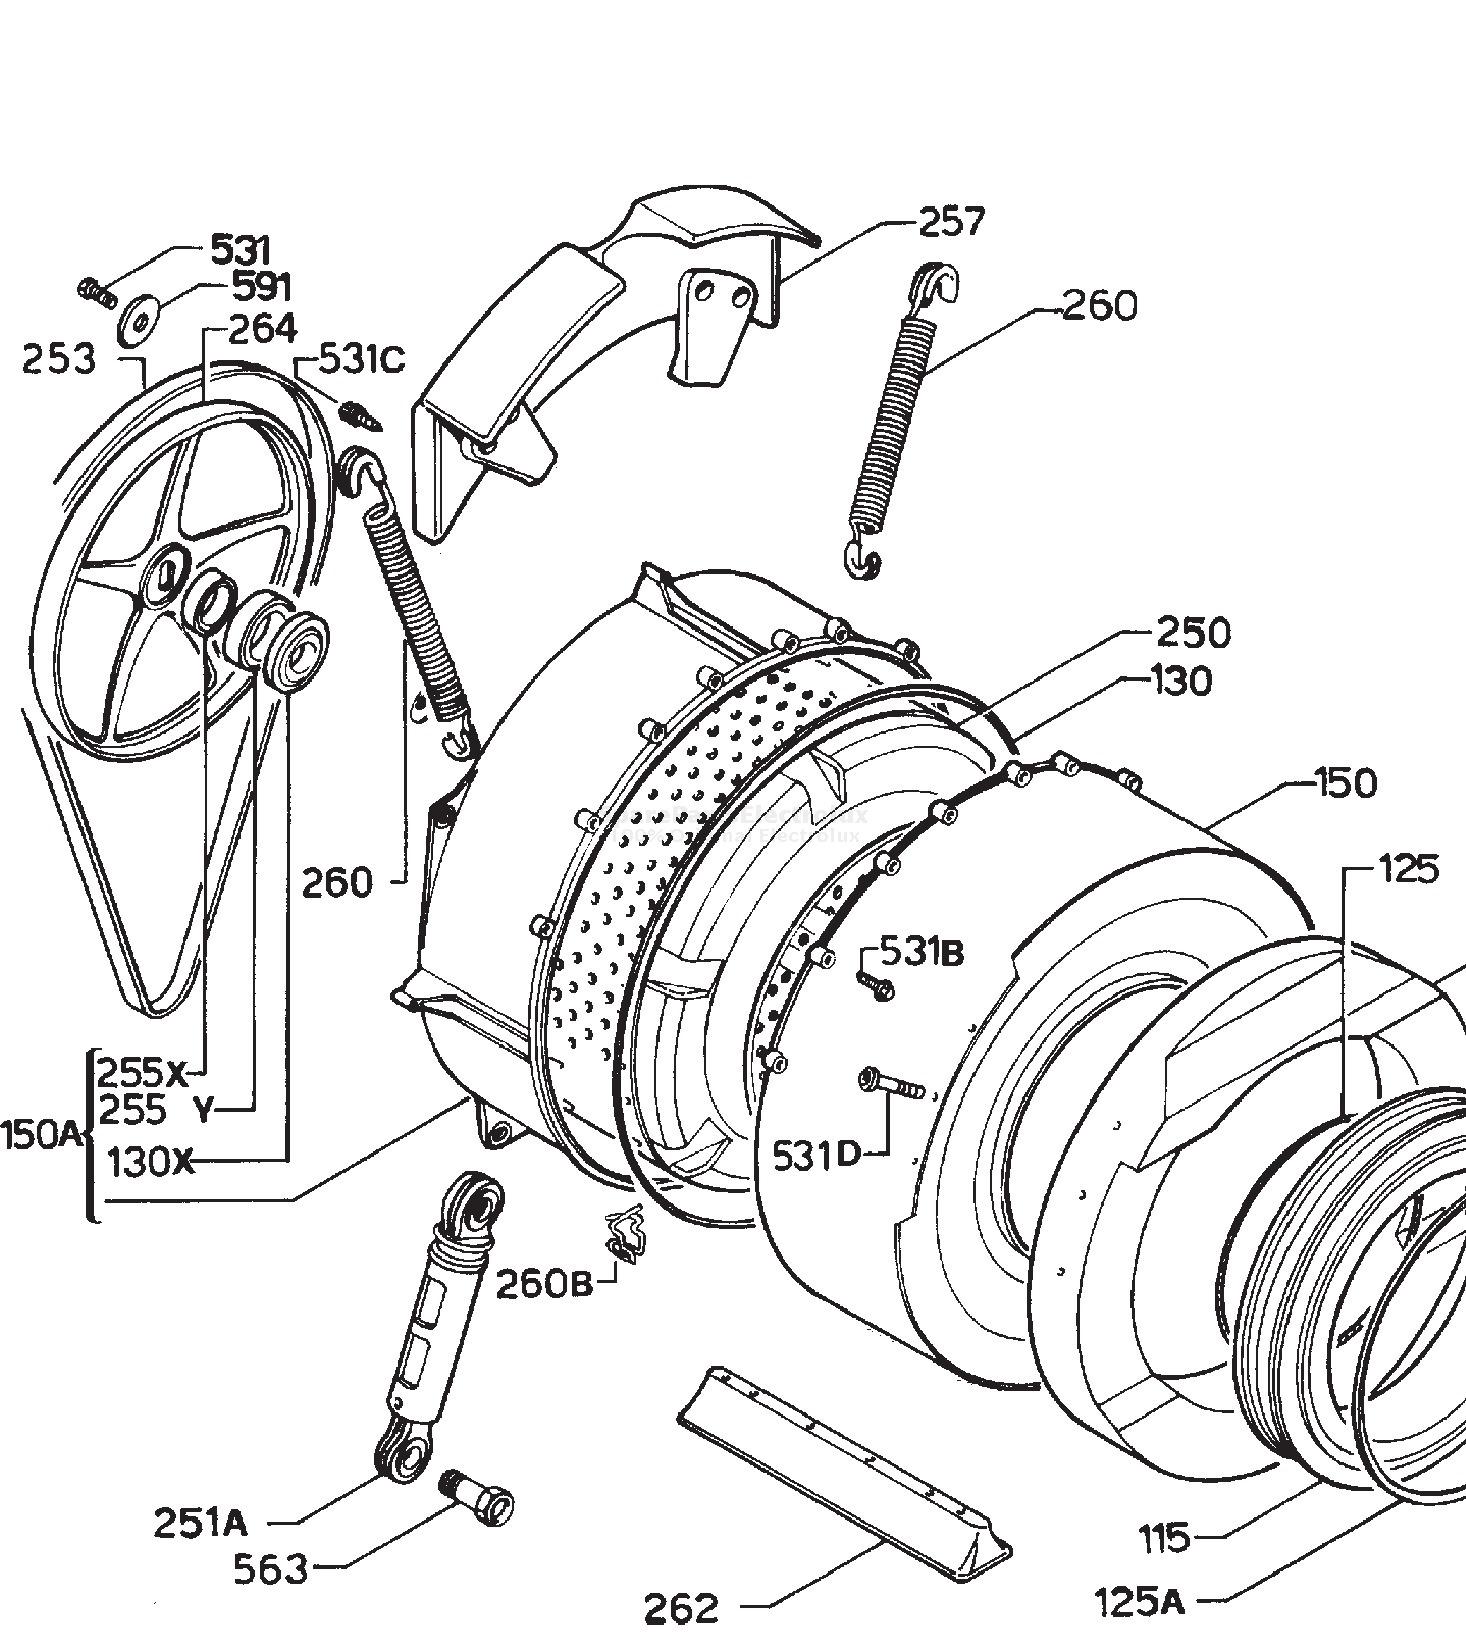 spare parts washing machine electrolux ew 514s 20000602 Washing Machine Motor Wiring Diagram manual 3